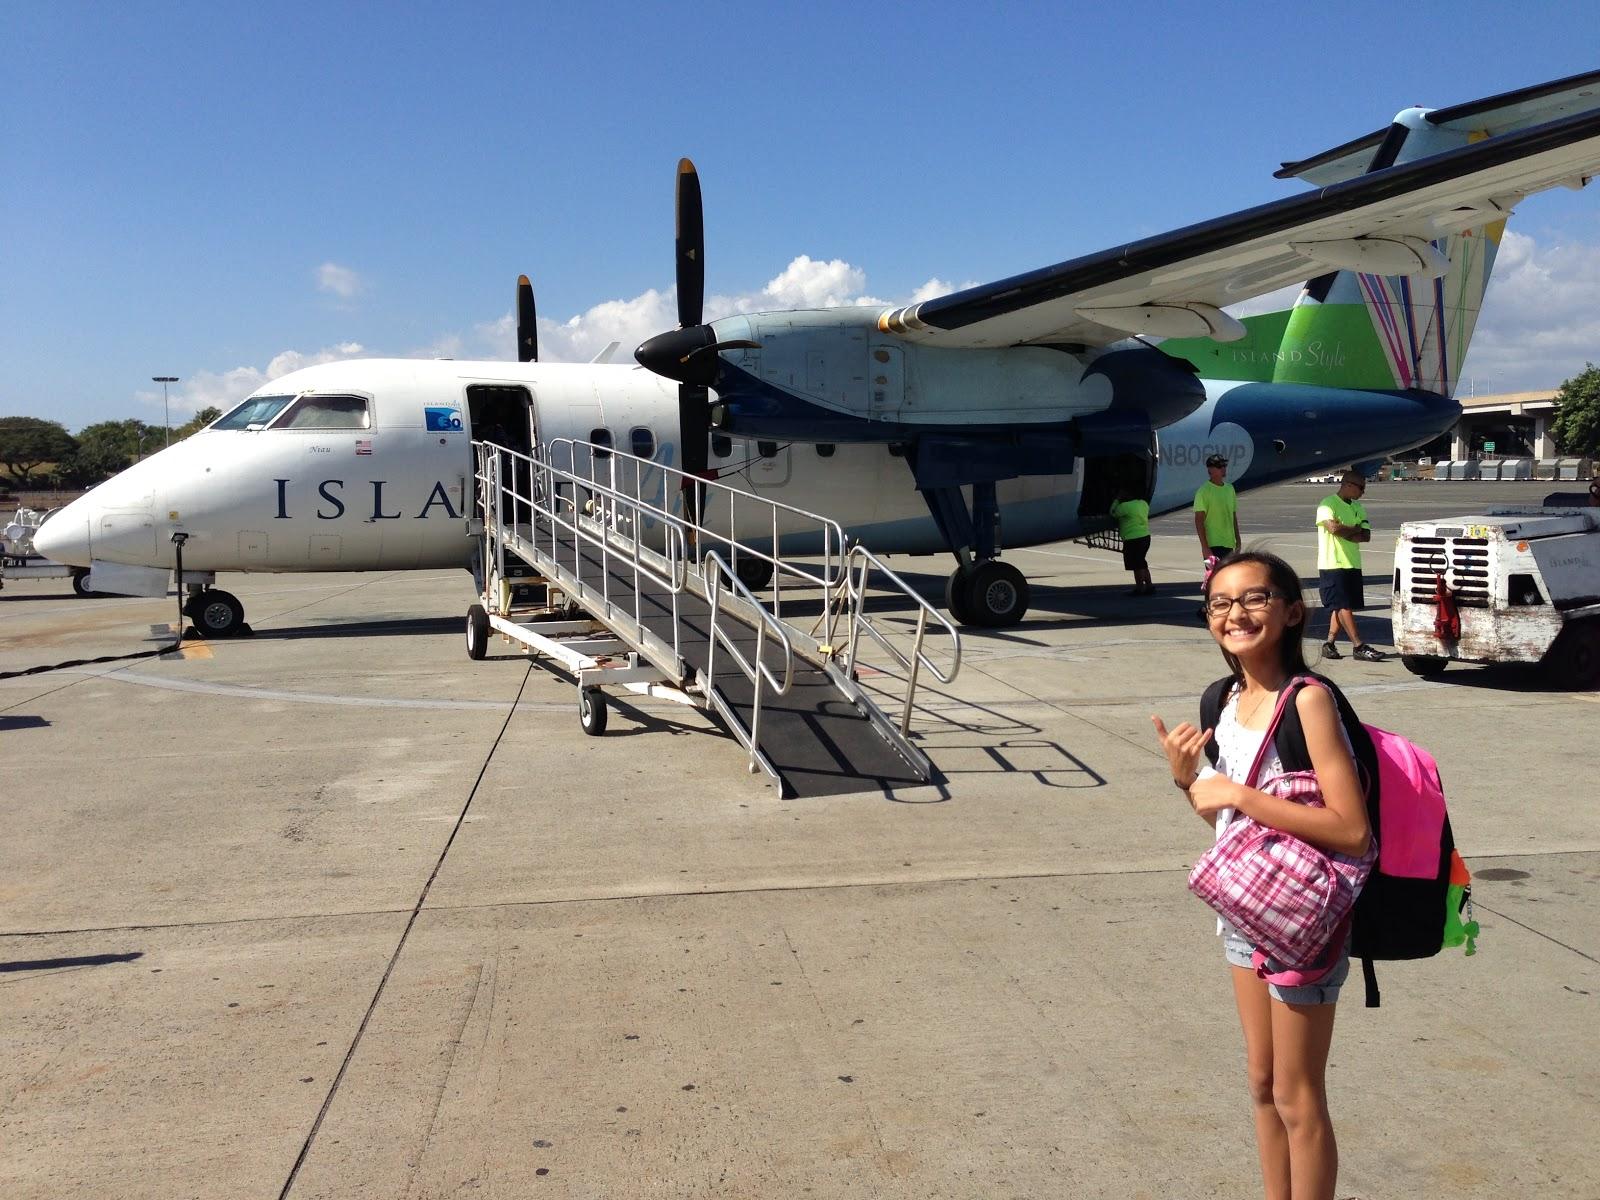 Taste Of Hawaii Island Air Terminal Honolulu Hawaii